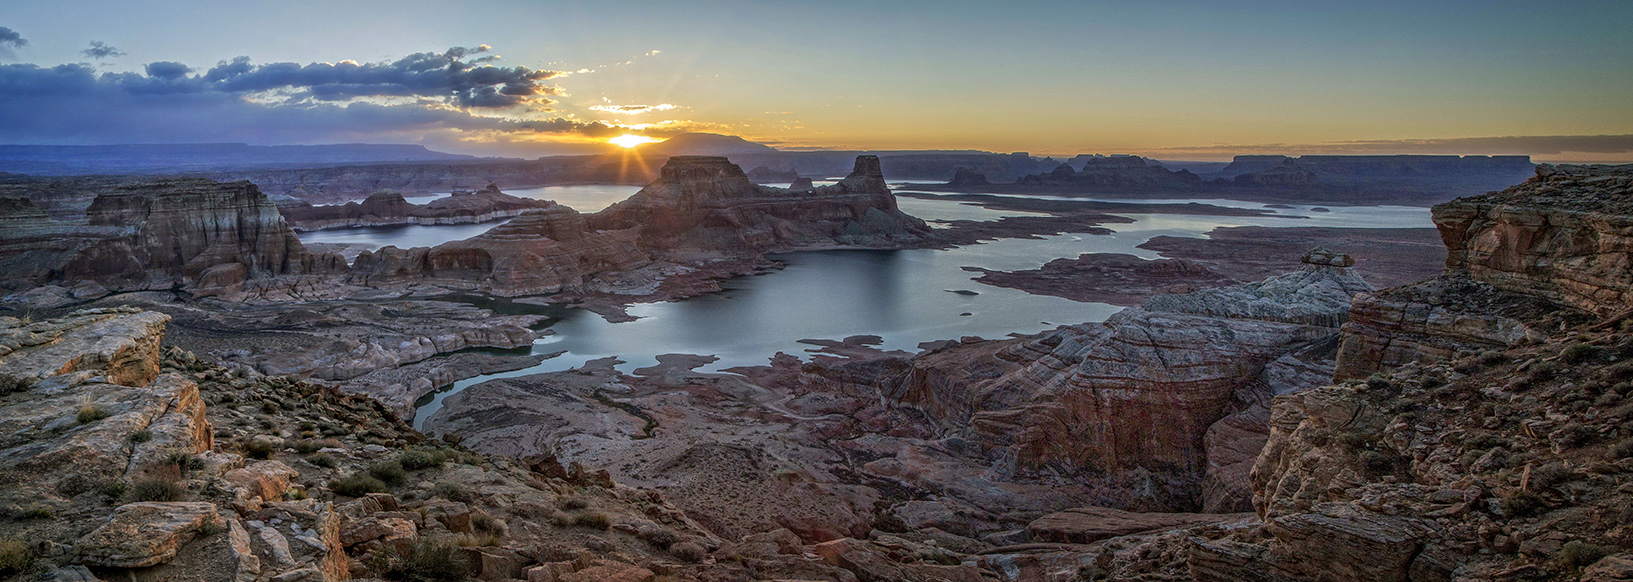 Alstrom Sunrise Pano PEPSi.jpg